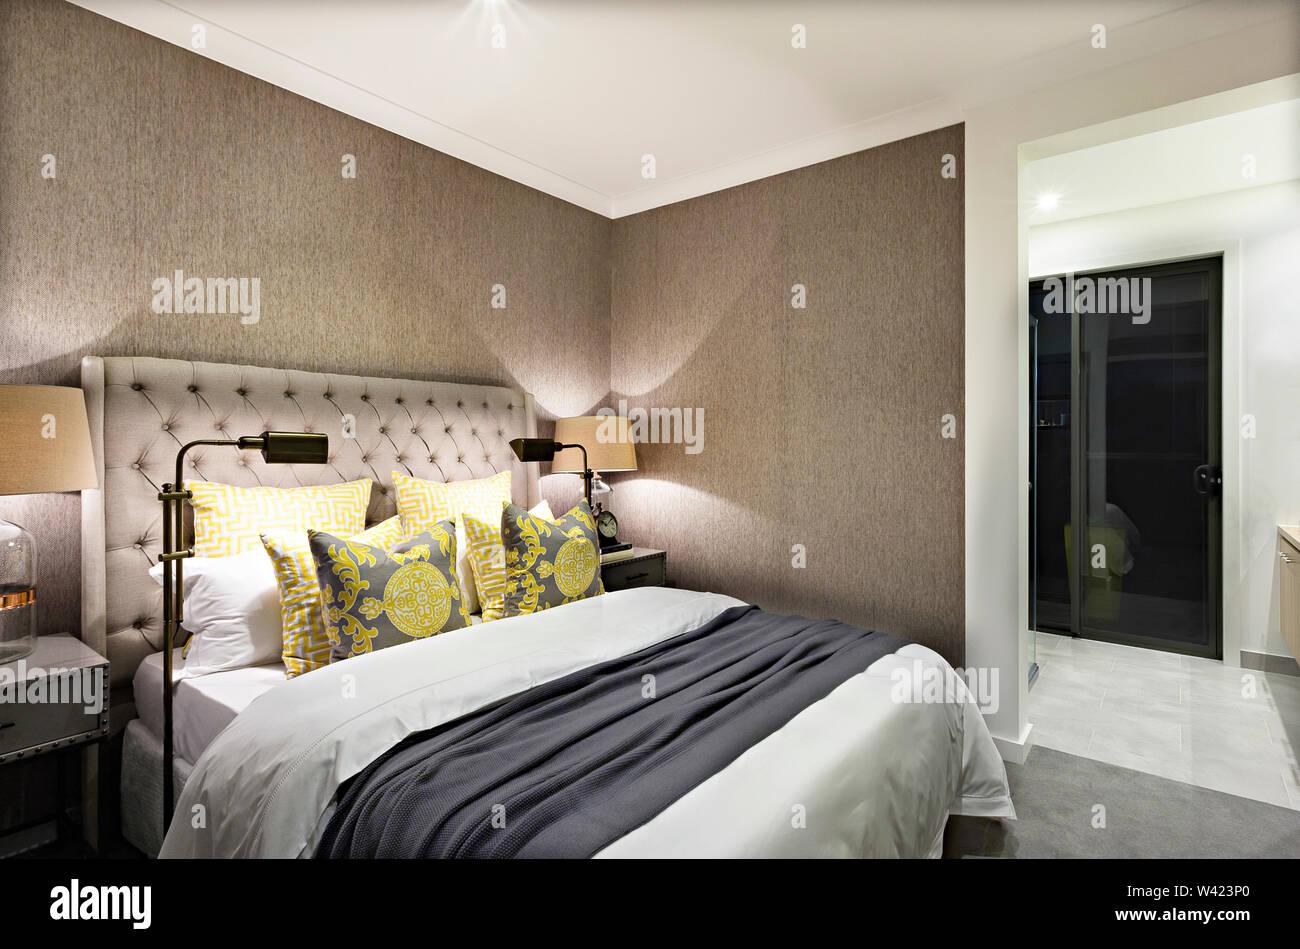 Camere da letto moderne di un hotel di lusso preparato con luci e lettiere di qualcuno Immagini Stock